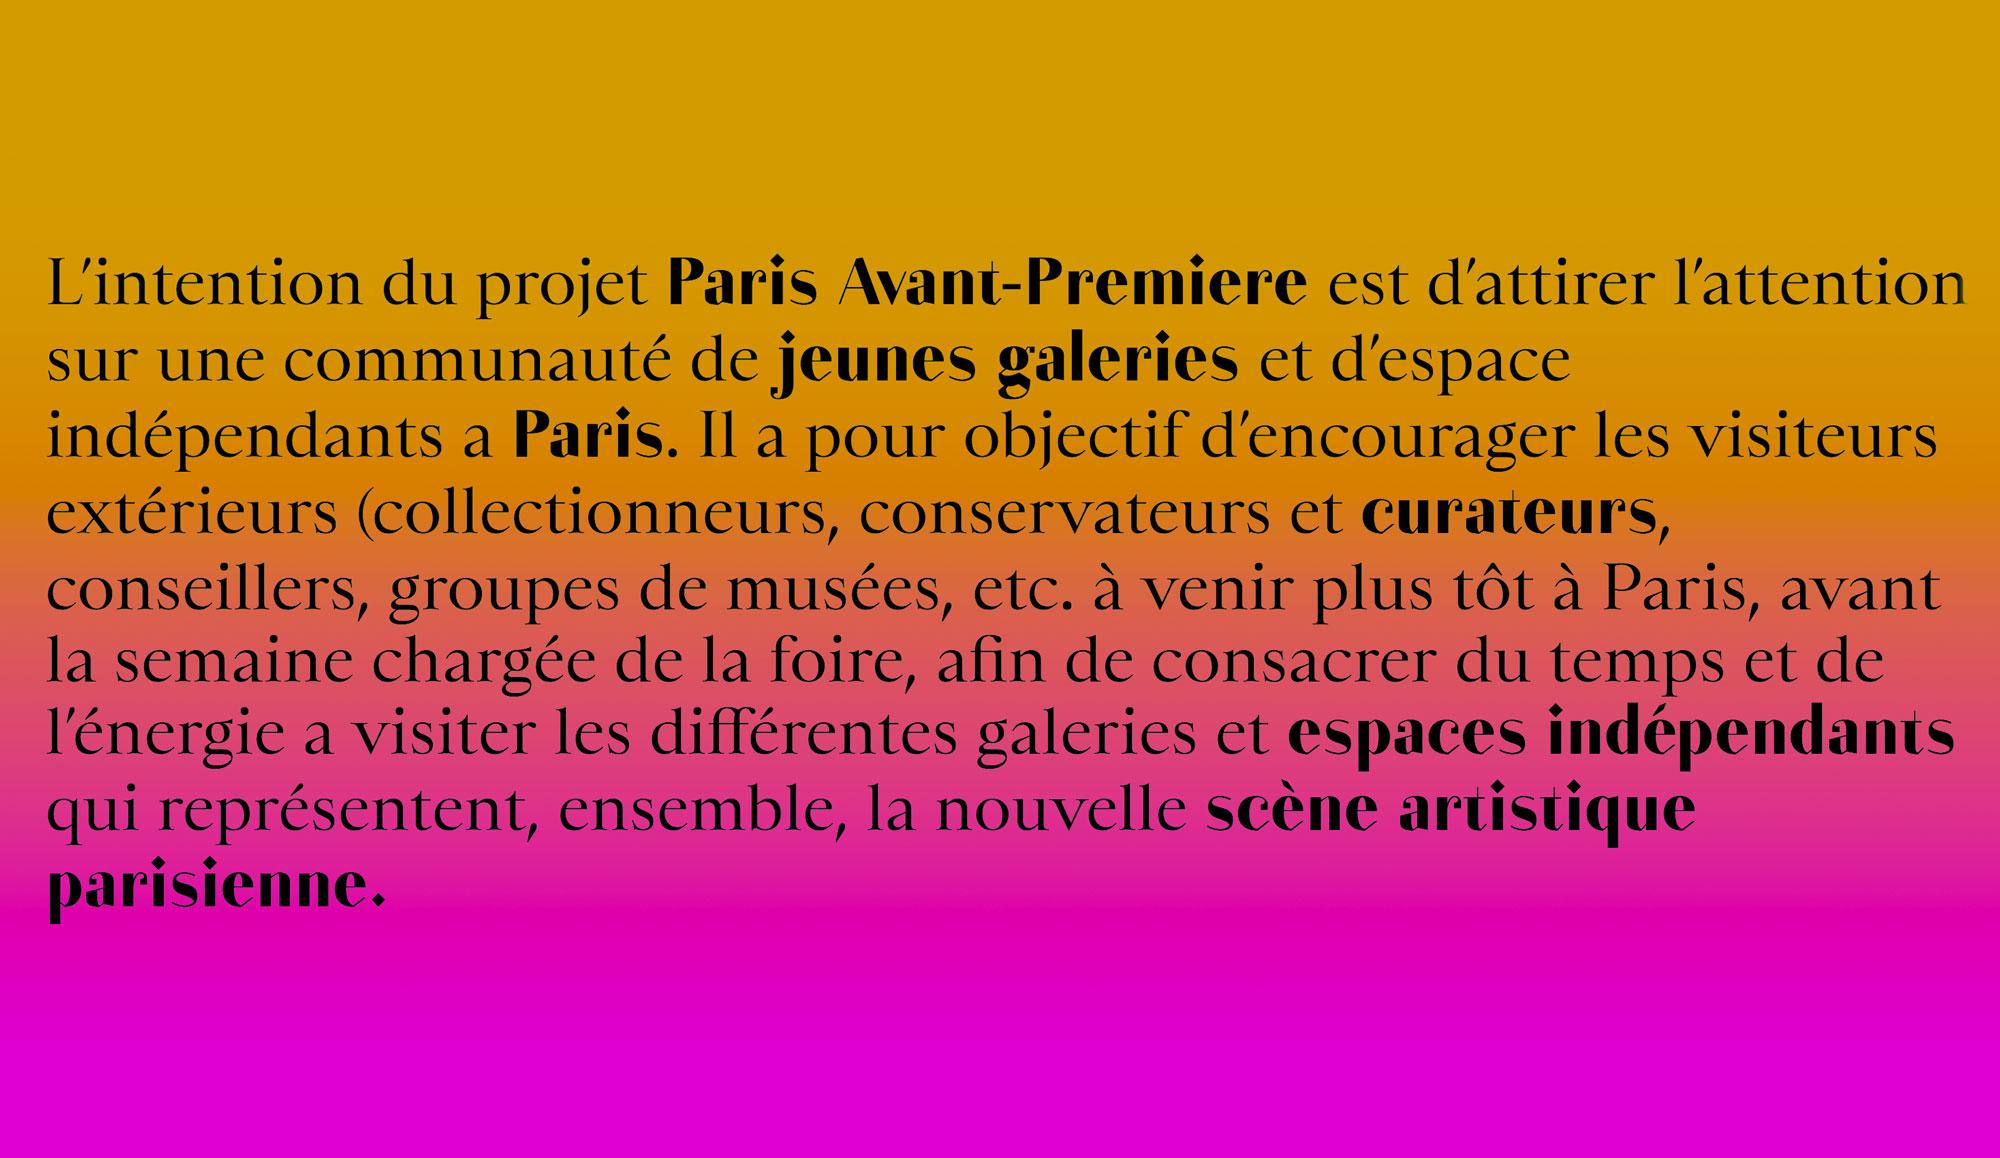 Paris avant-première